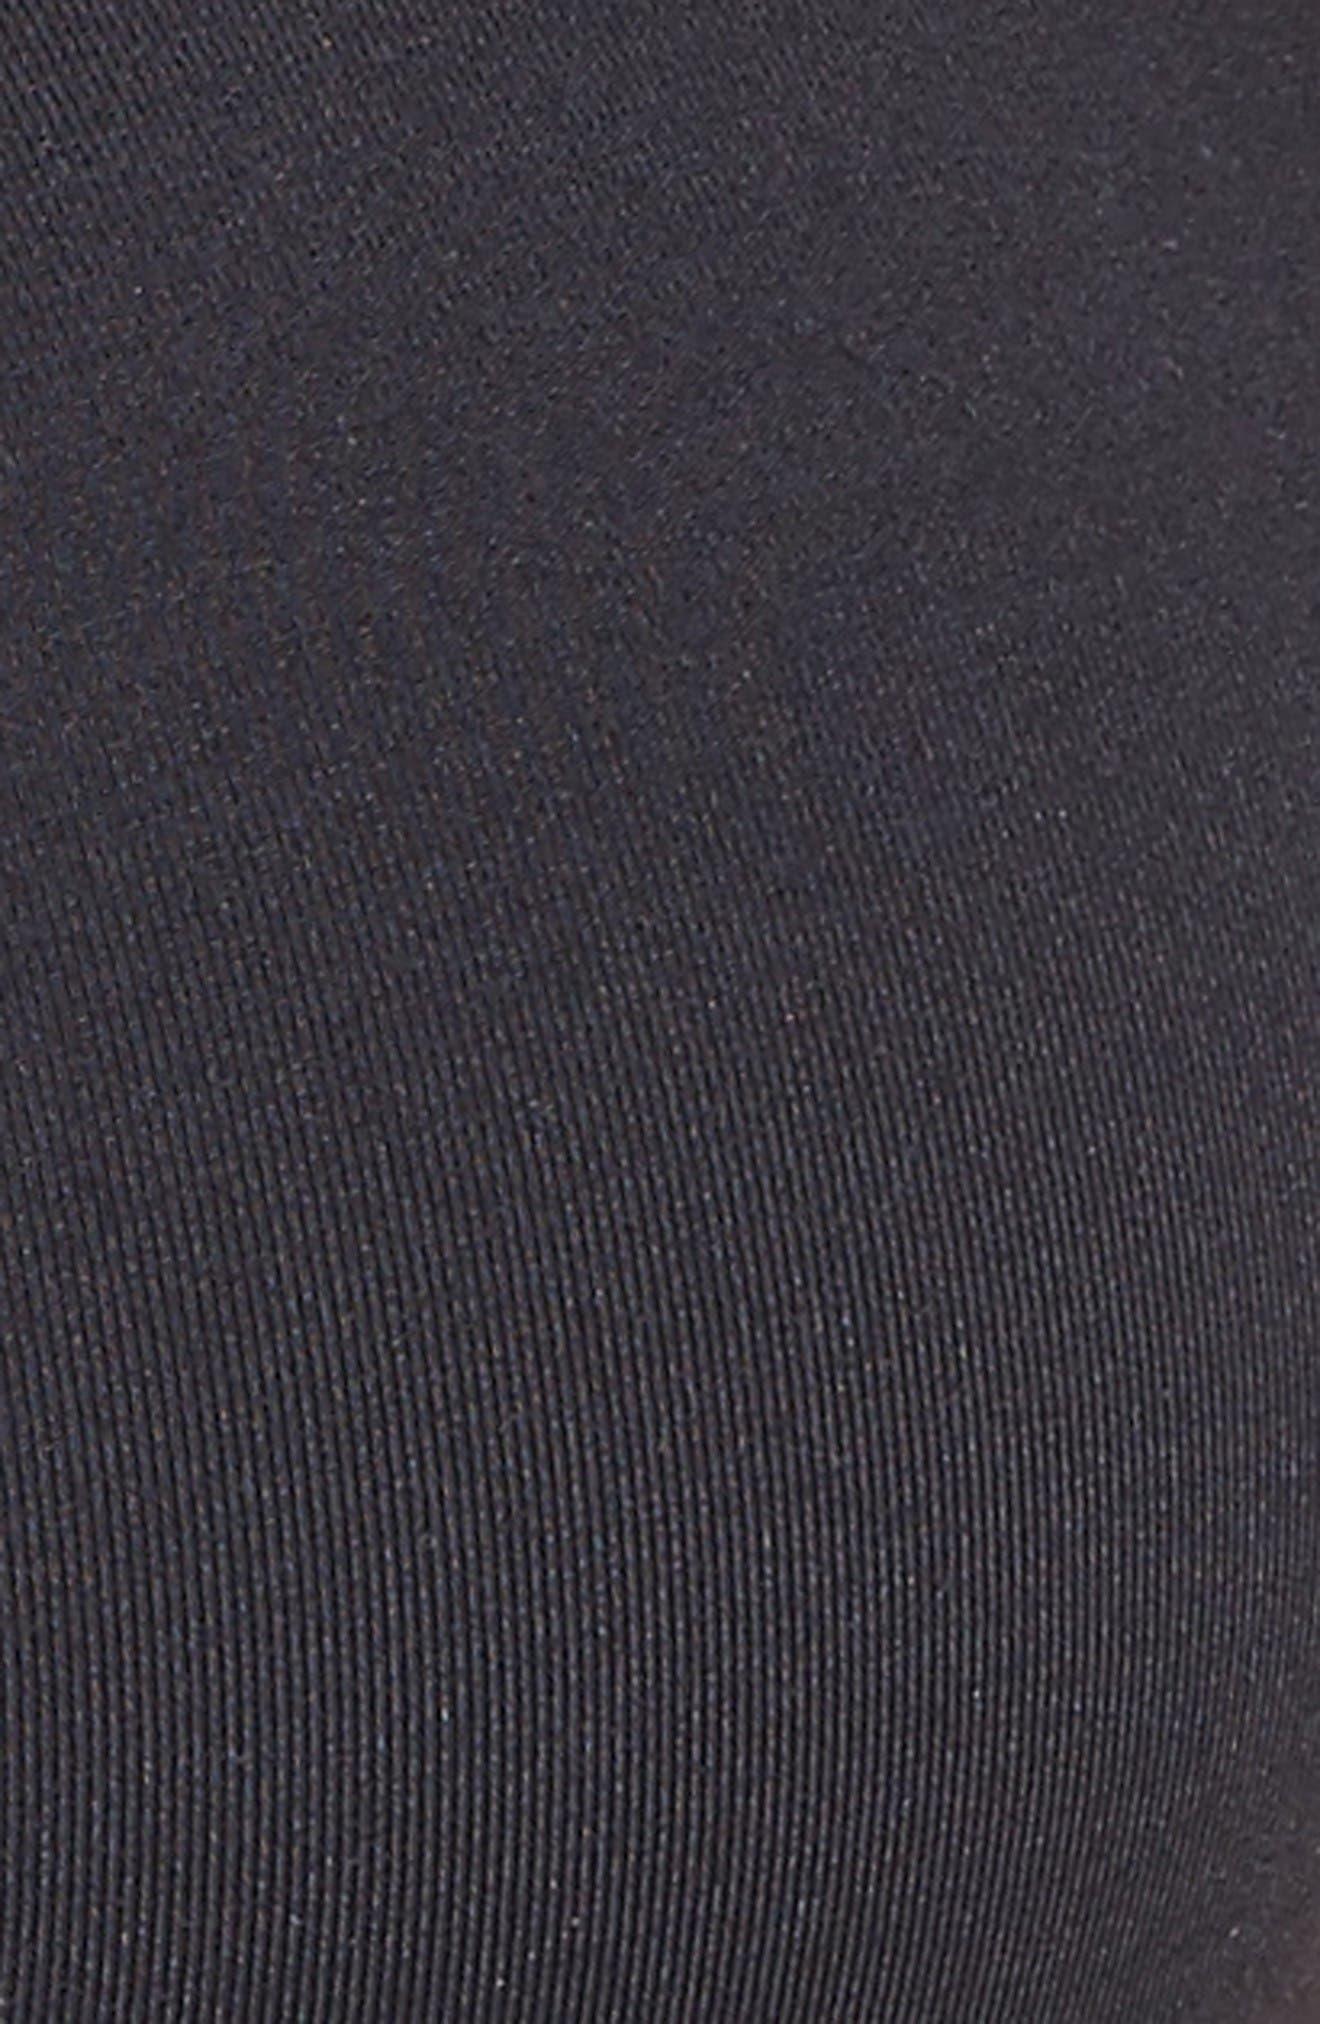 Olivia Bikini Top,                             Alternate thumbnail 6, color,                             Black